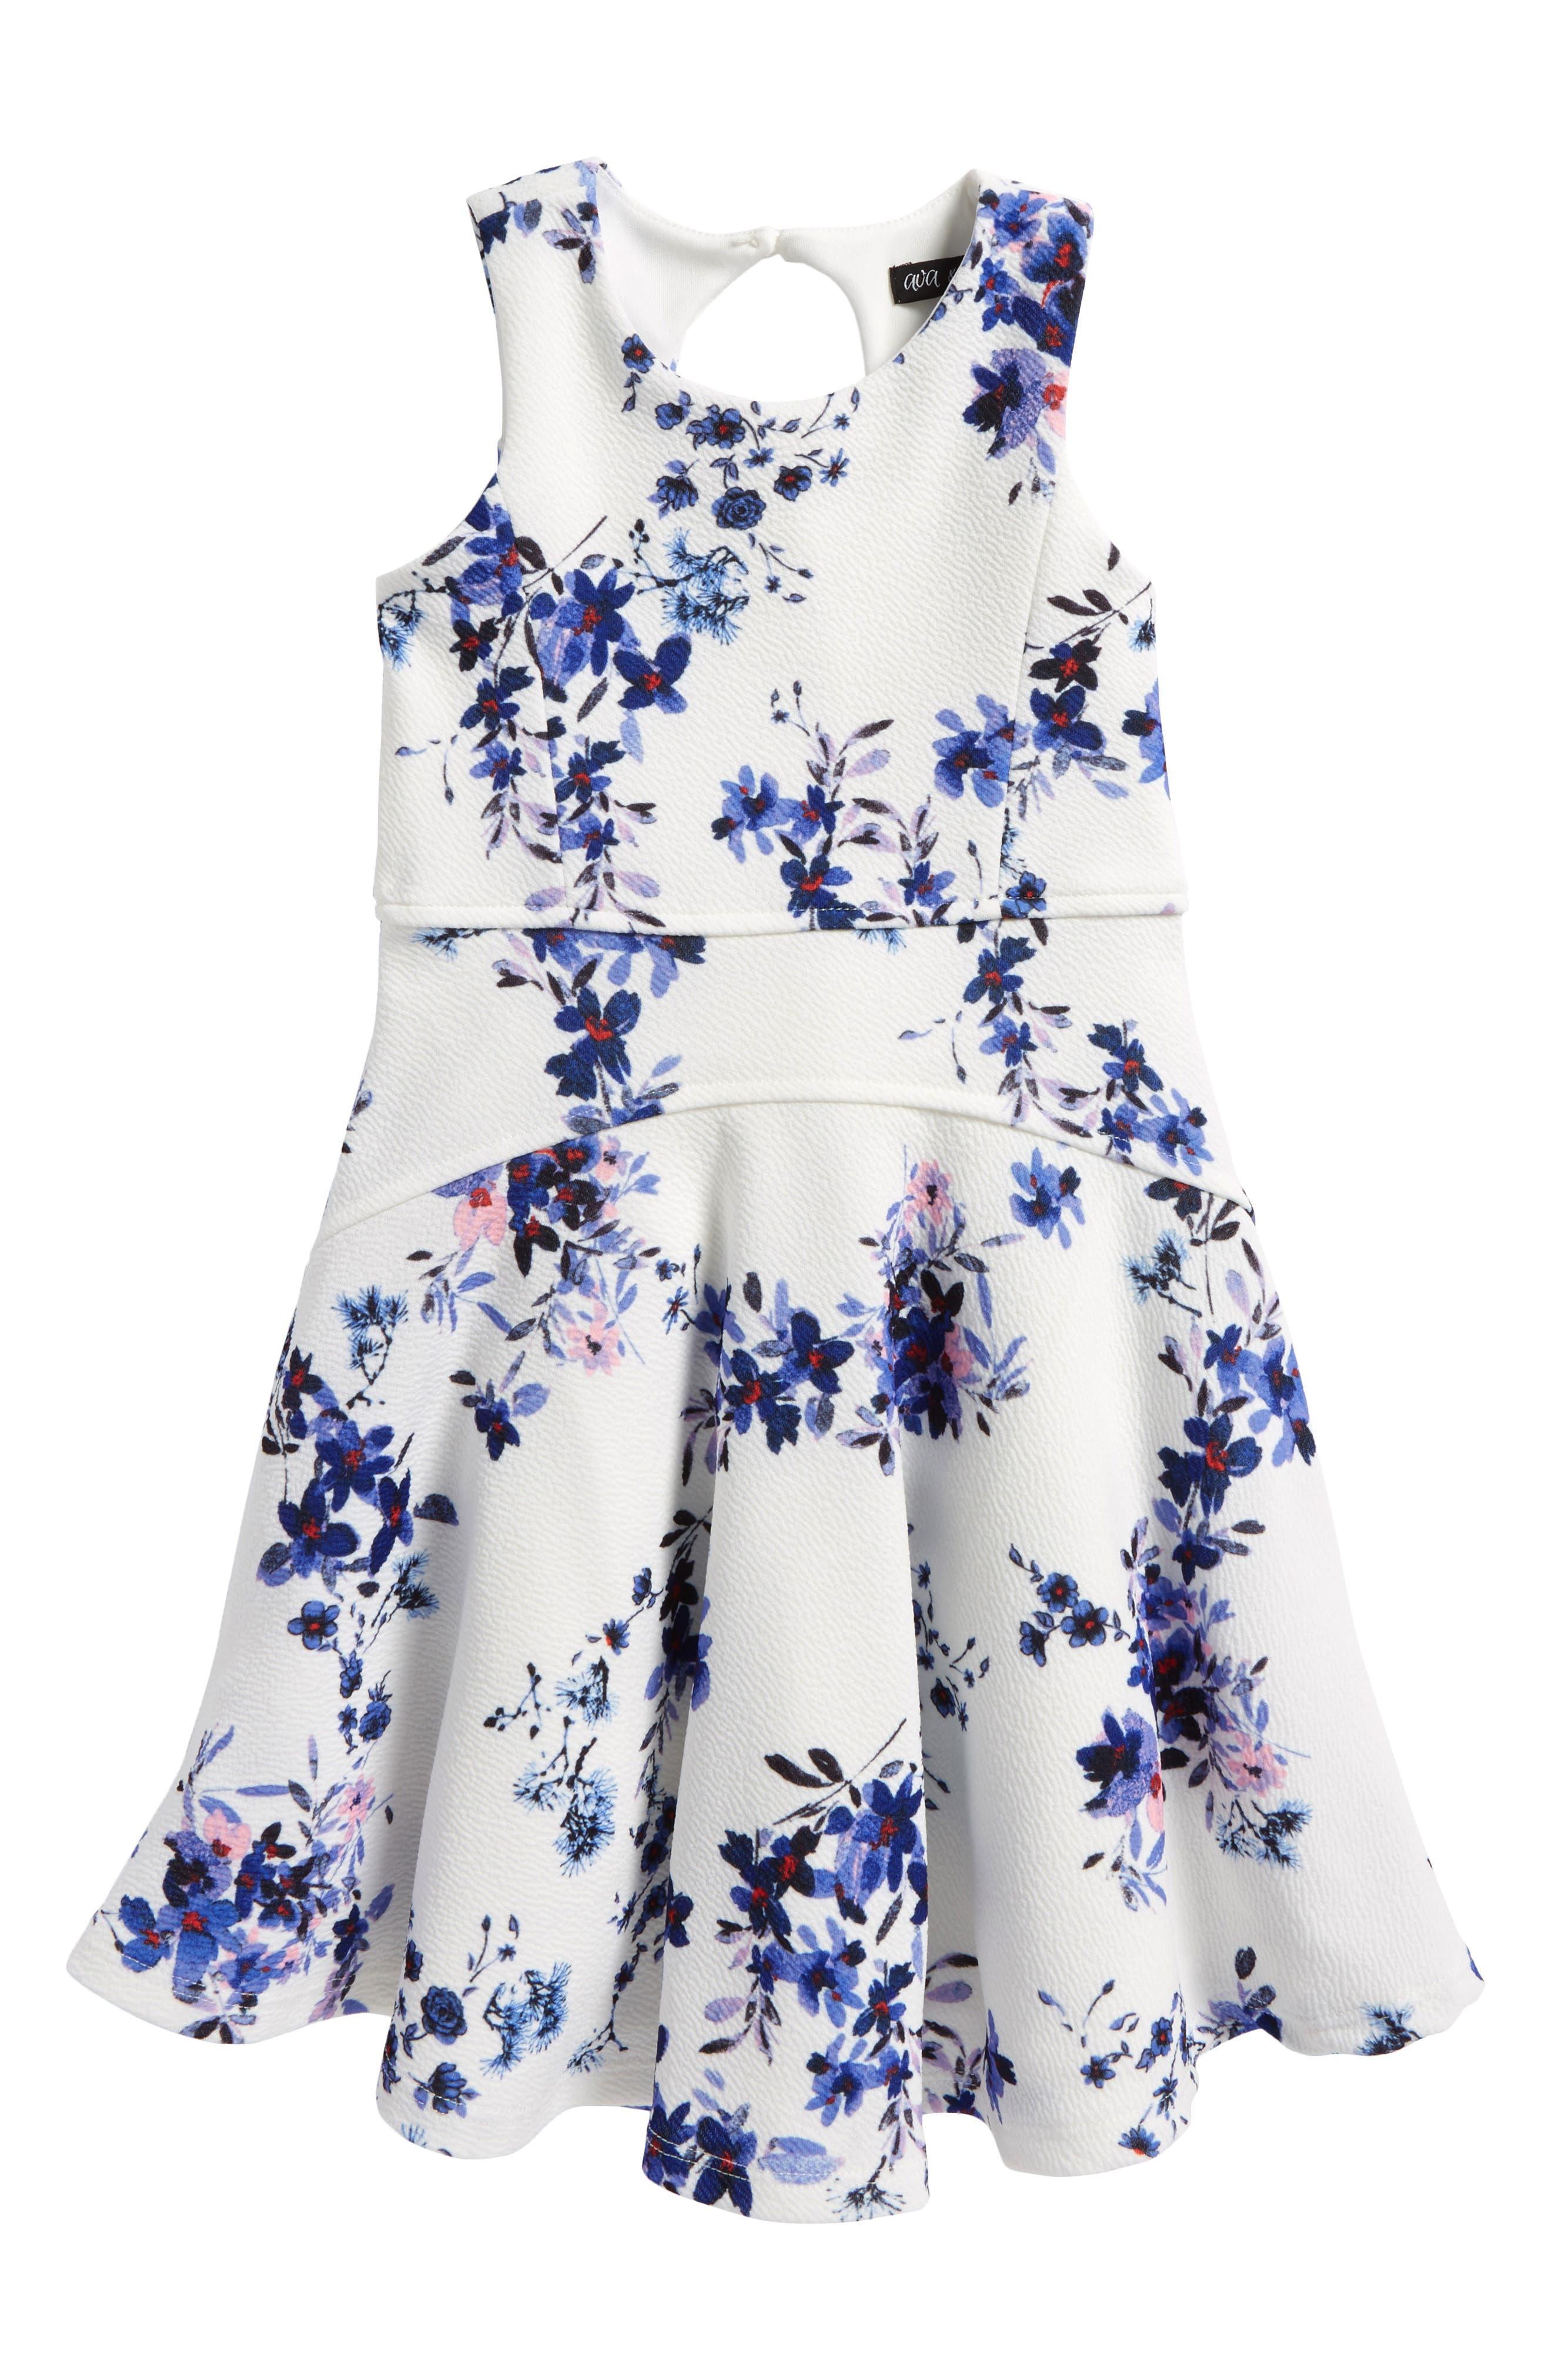 Main Image - Ava & Yelly Floral Print Skater Dress (Toddler Girls & Little Girls)